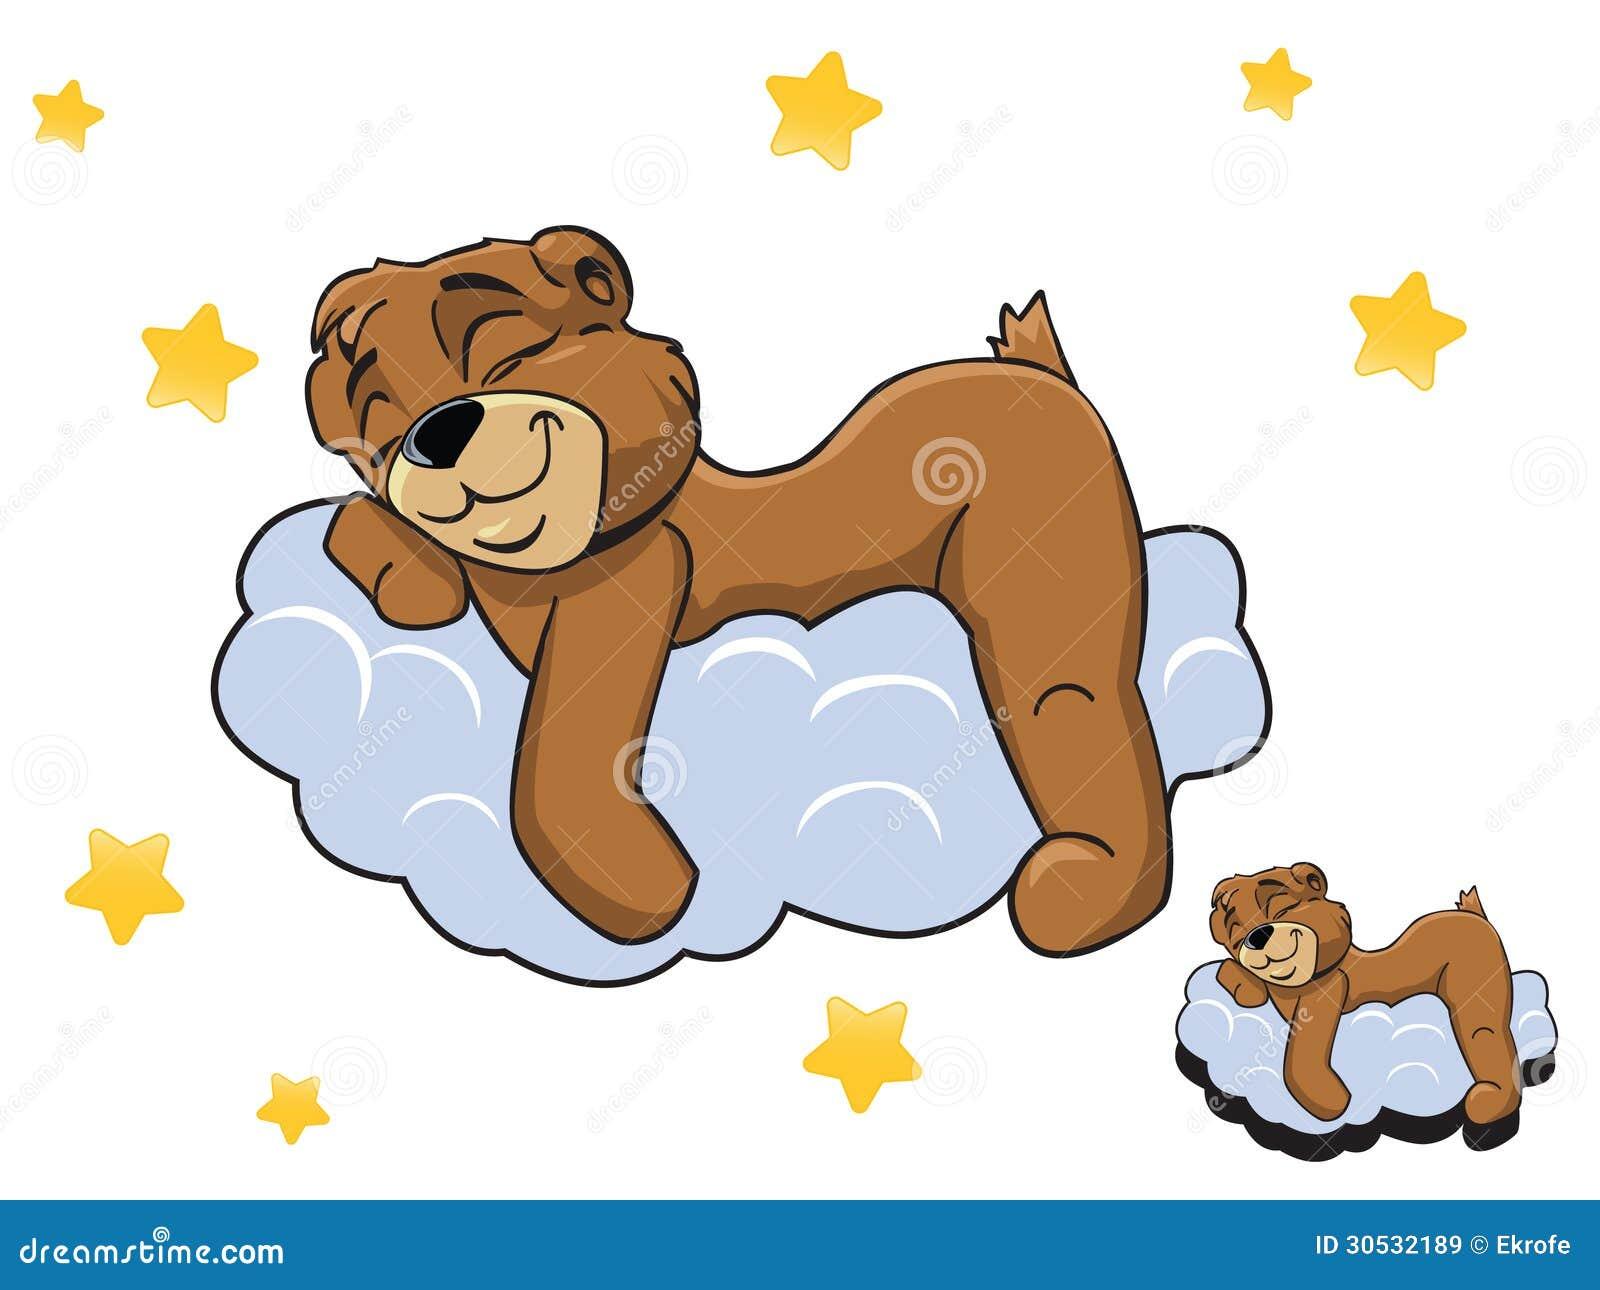 Vector Cartoon Color Cute Teddy Bear Sleeping On A Cloud Royalty Free